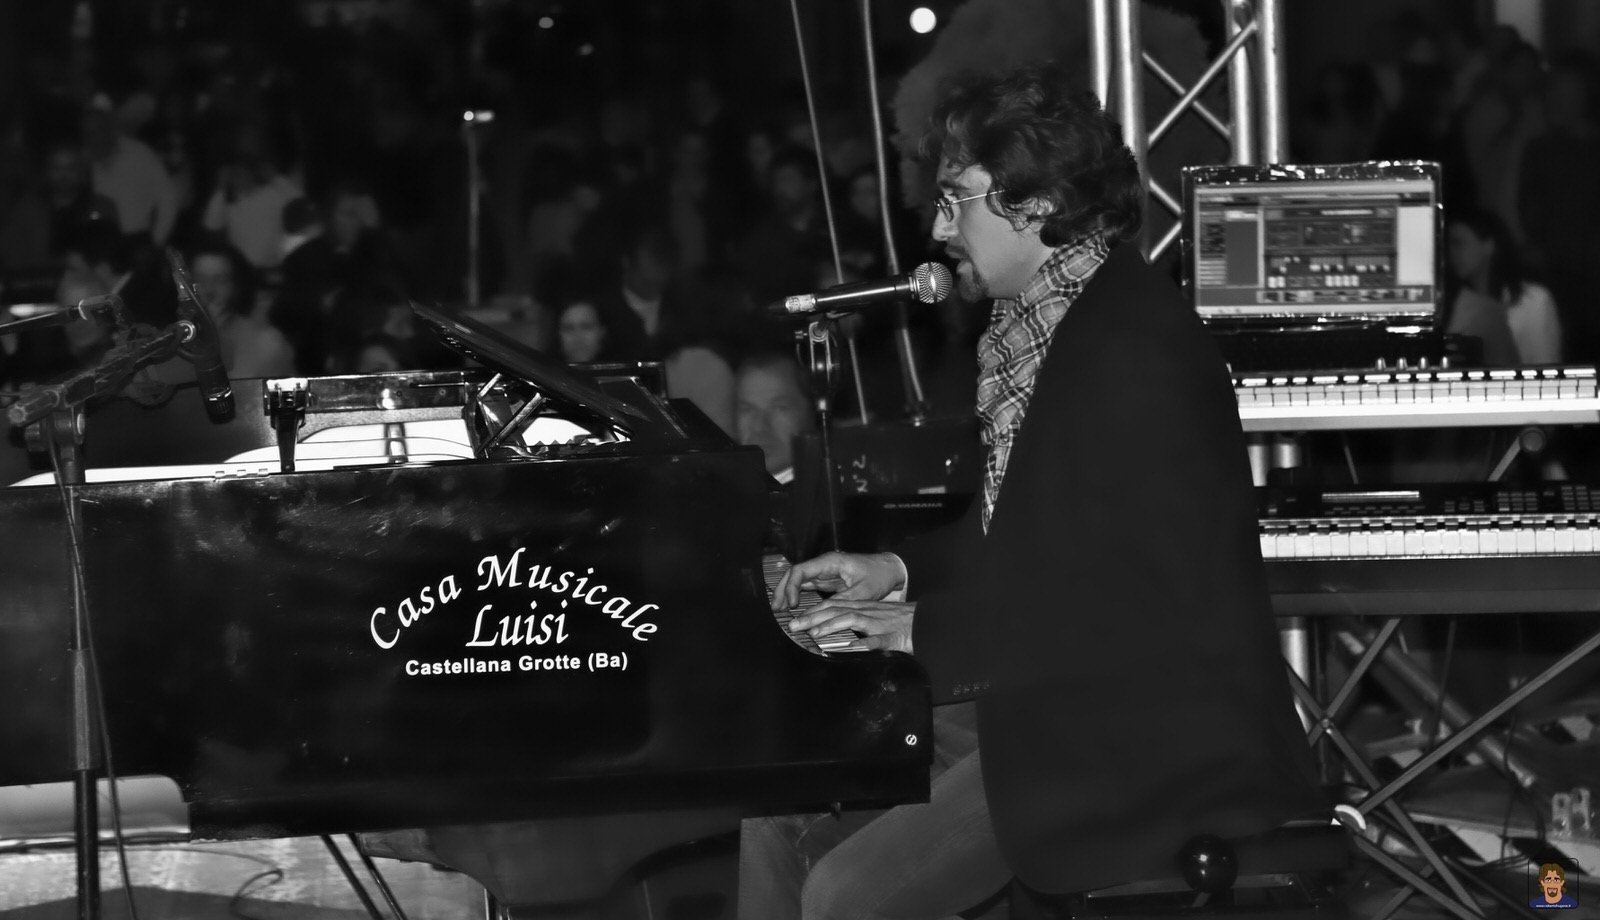 Roberto Frugone cantautore live concerto pianoforte Altremura Festival Altamura